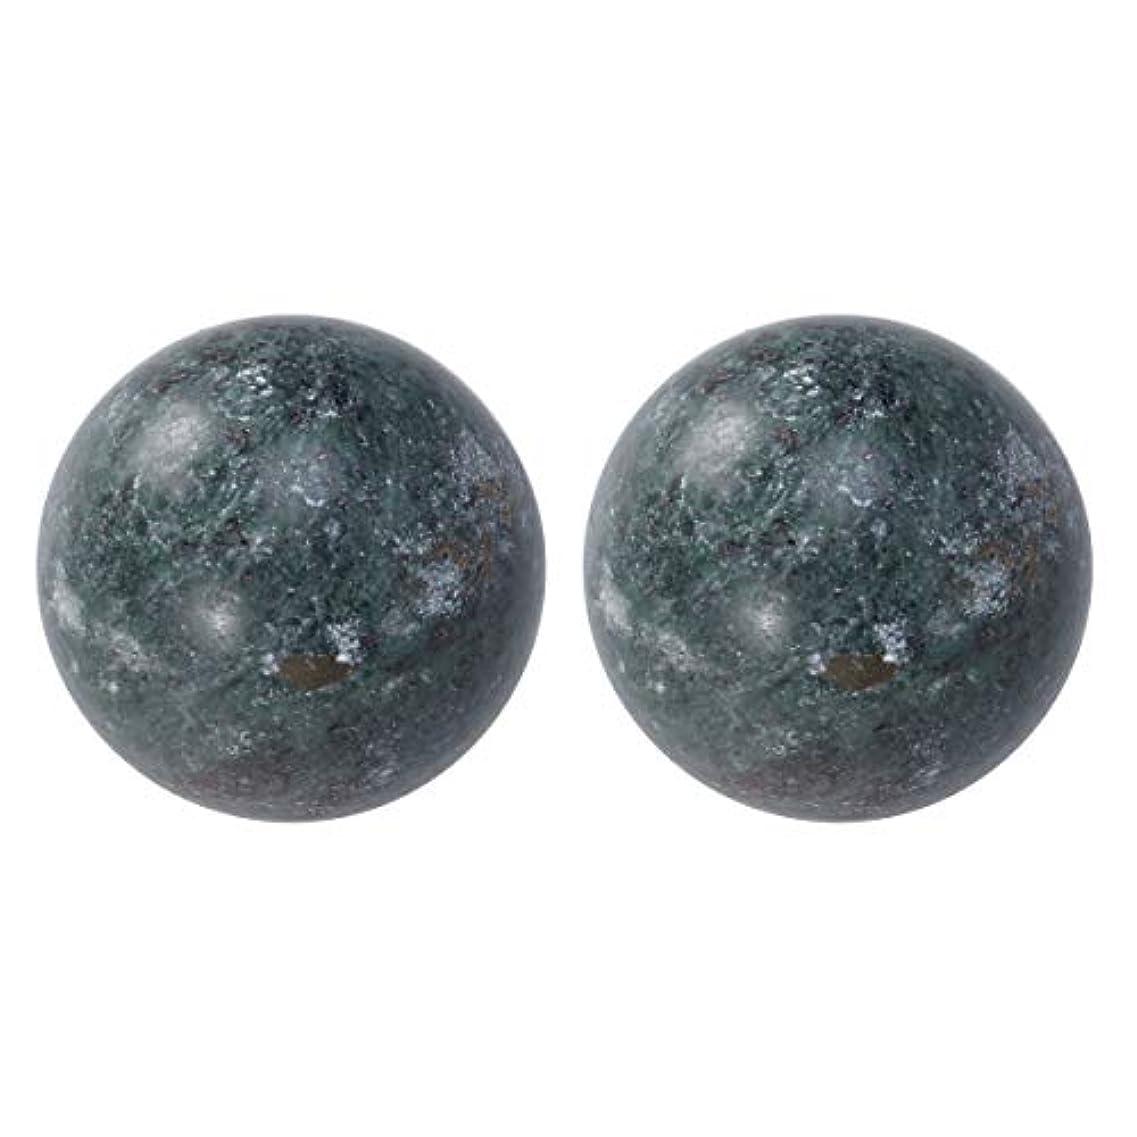 犯す毎月中性HEALIFTY 2個の自然の翡翠手球ダークグレー中国の健康運動ボーイングボール老人のためのストレスリリーフ(黒)